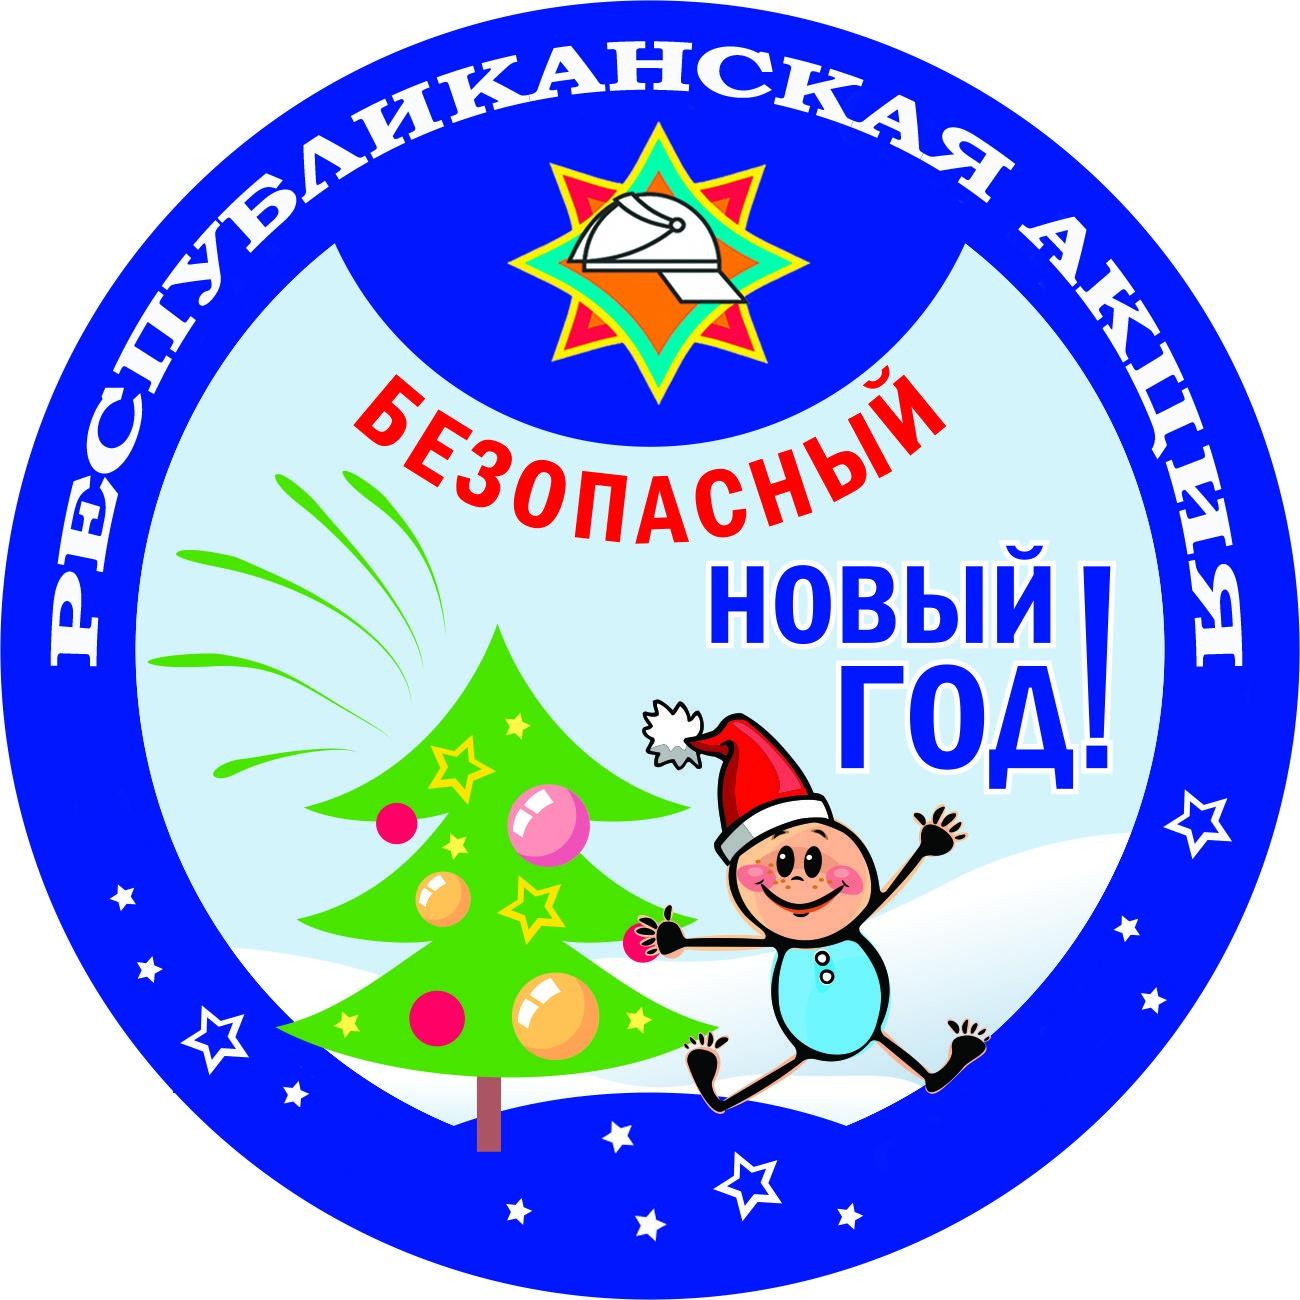 Безопасный новый год рисунки картинки 5